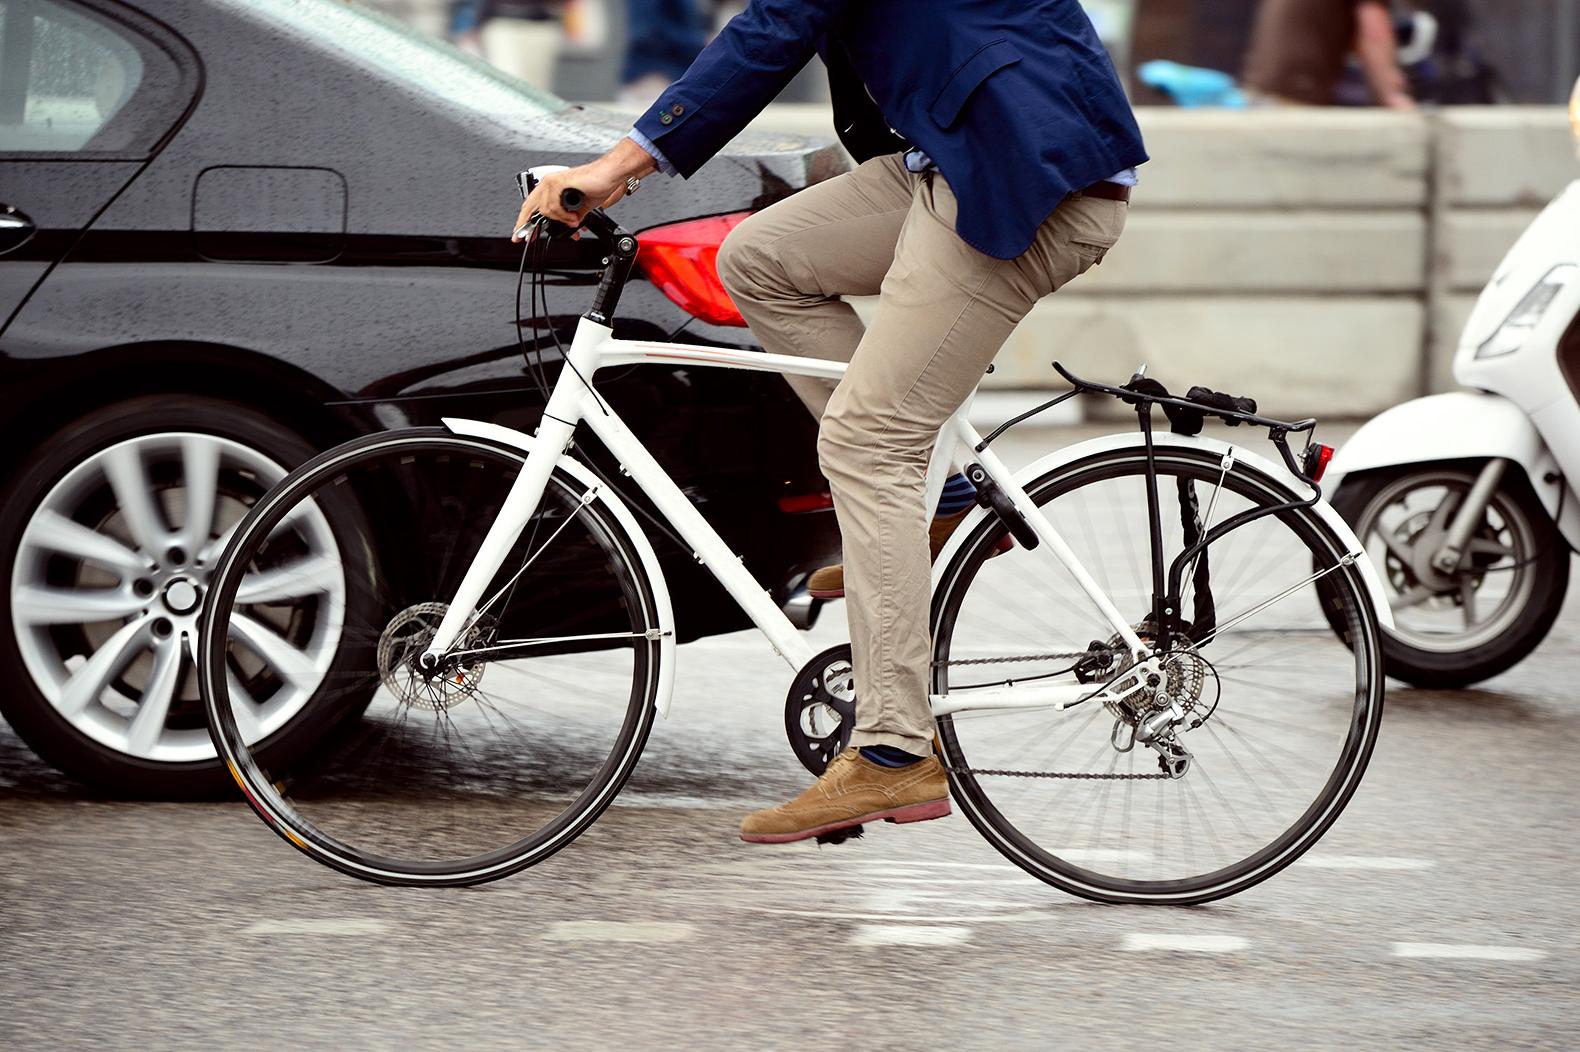 Manfaat Bersepeda Untuk Menjaga Kesehatan